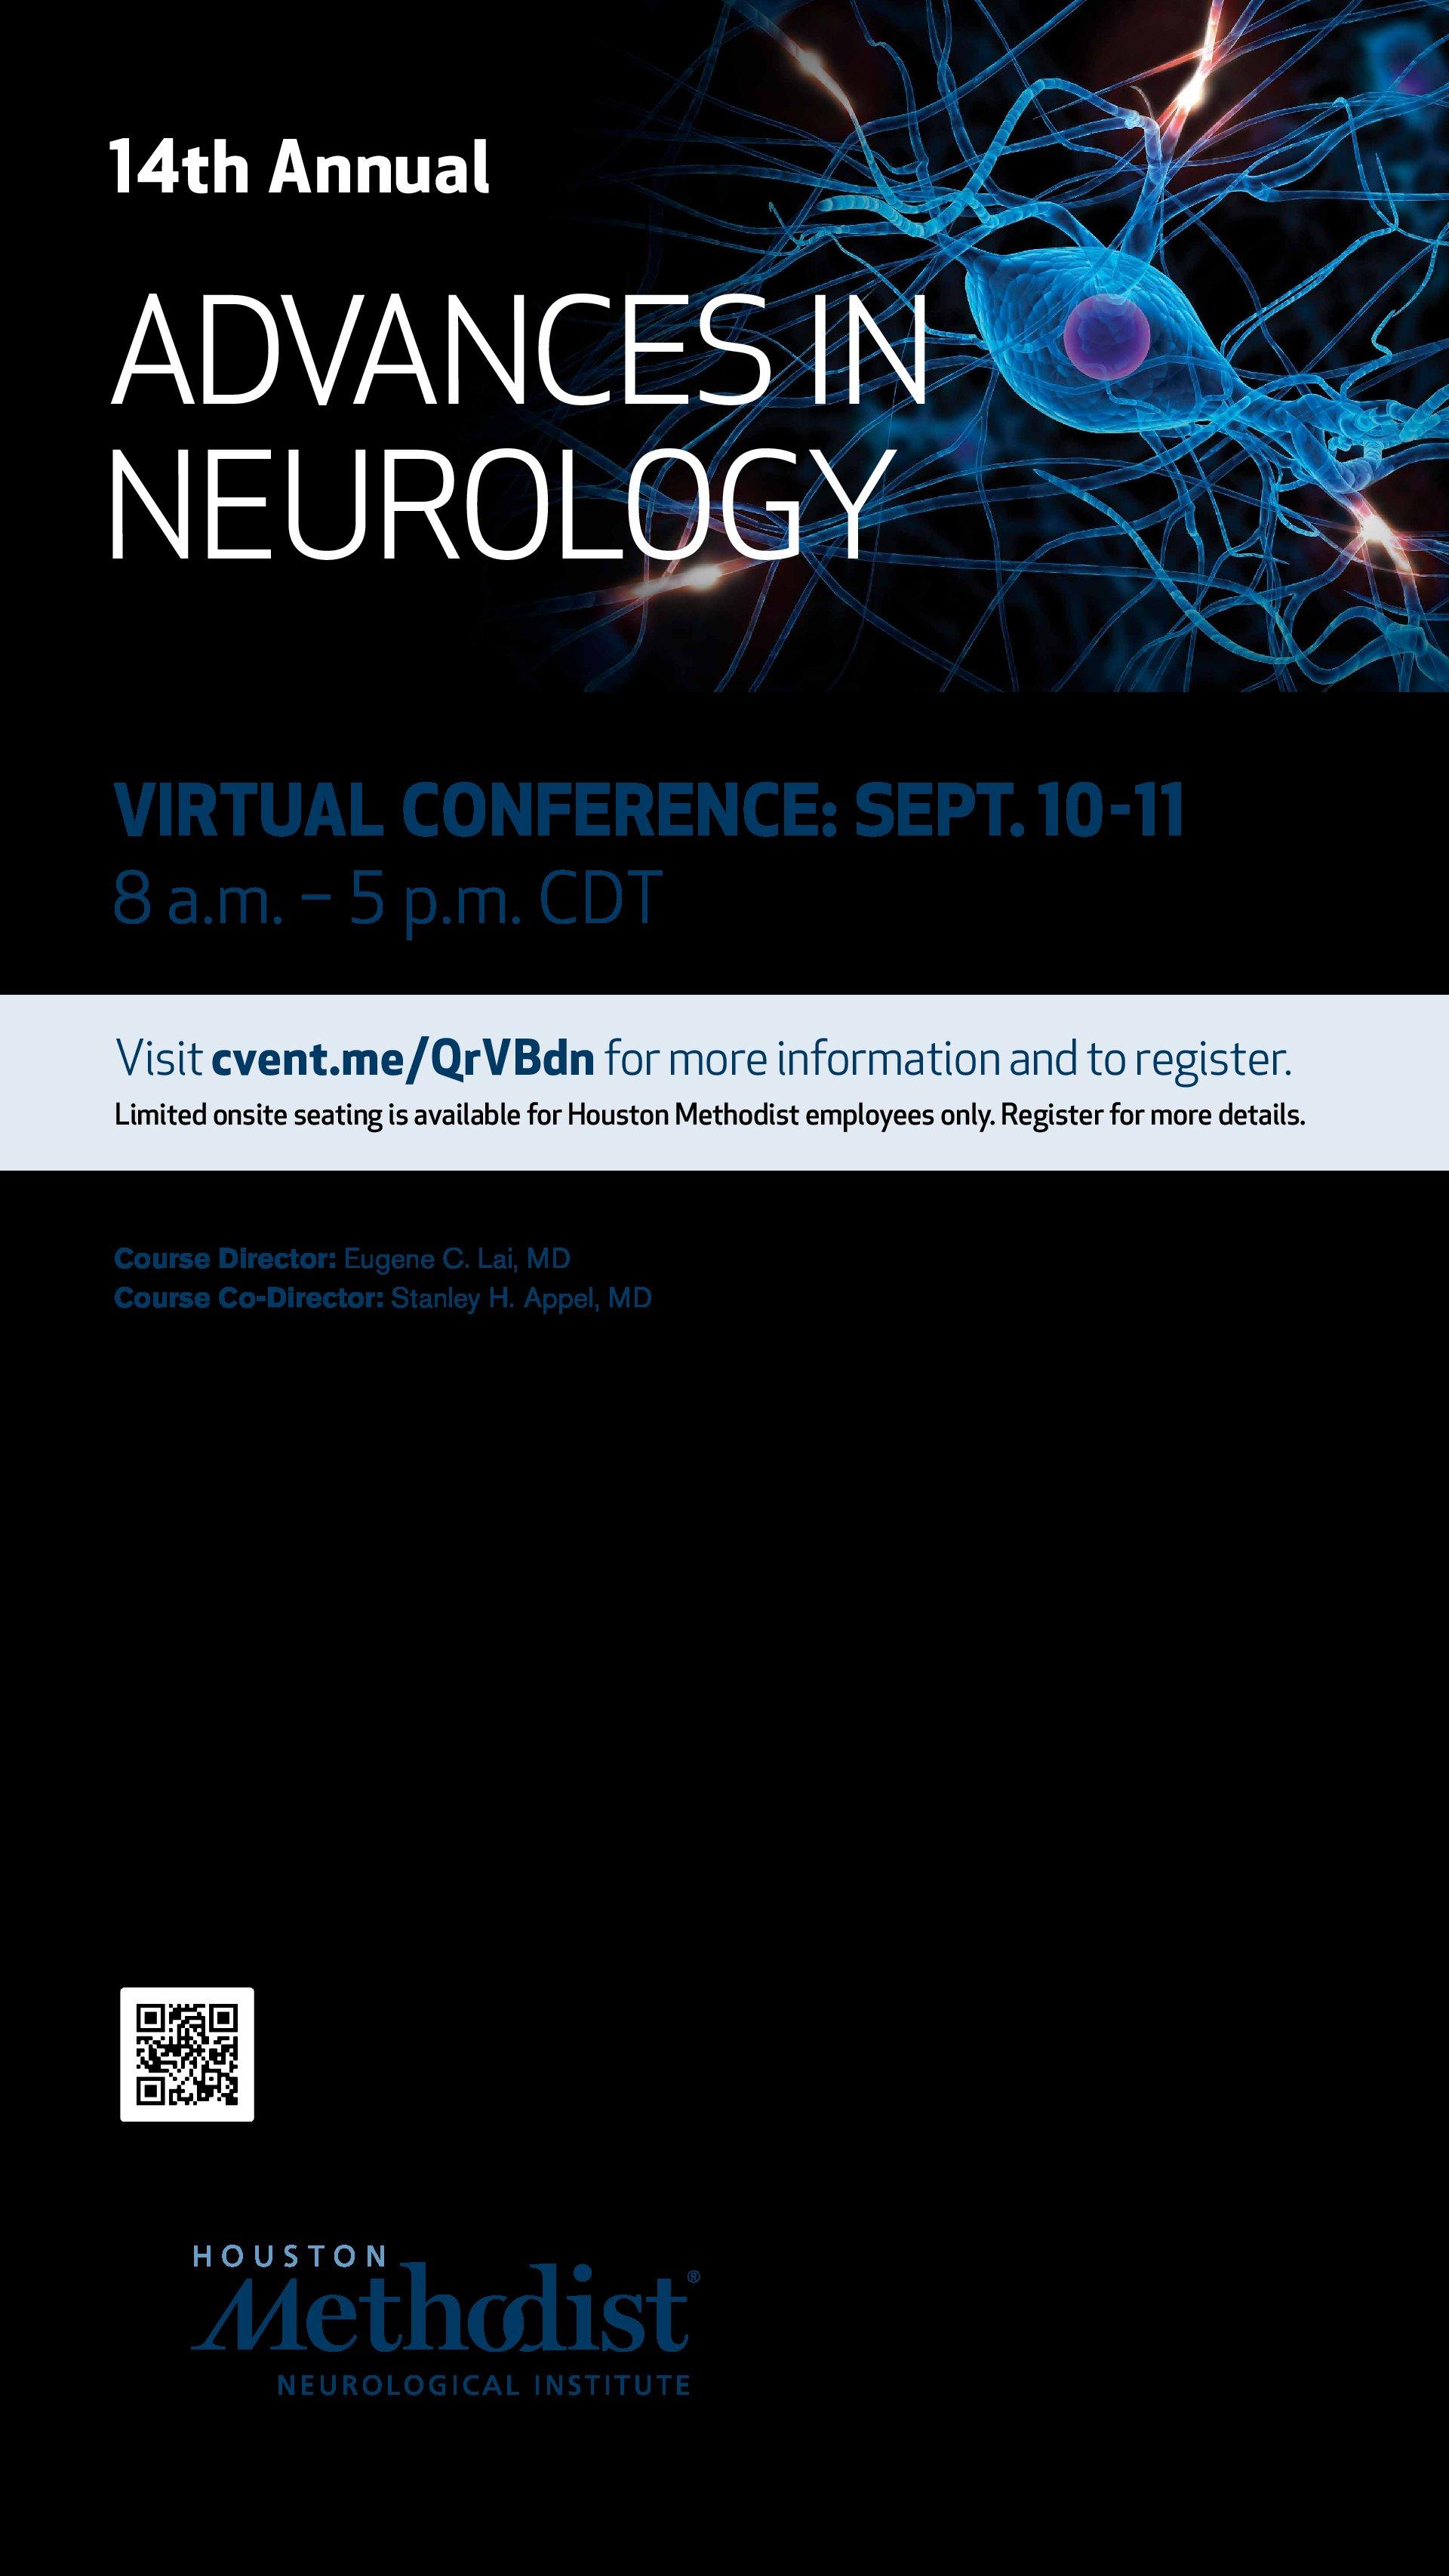 540-Neurology-2021-virtual-MADI-v4-6.7.21.pdf